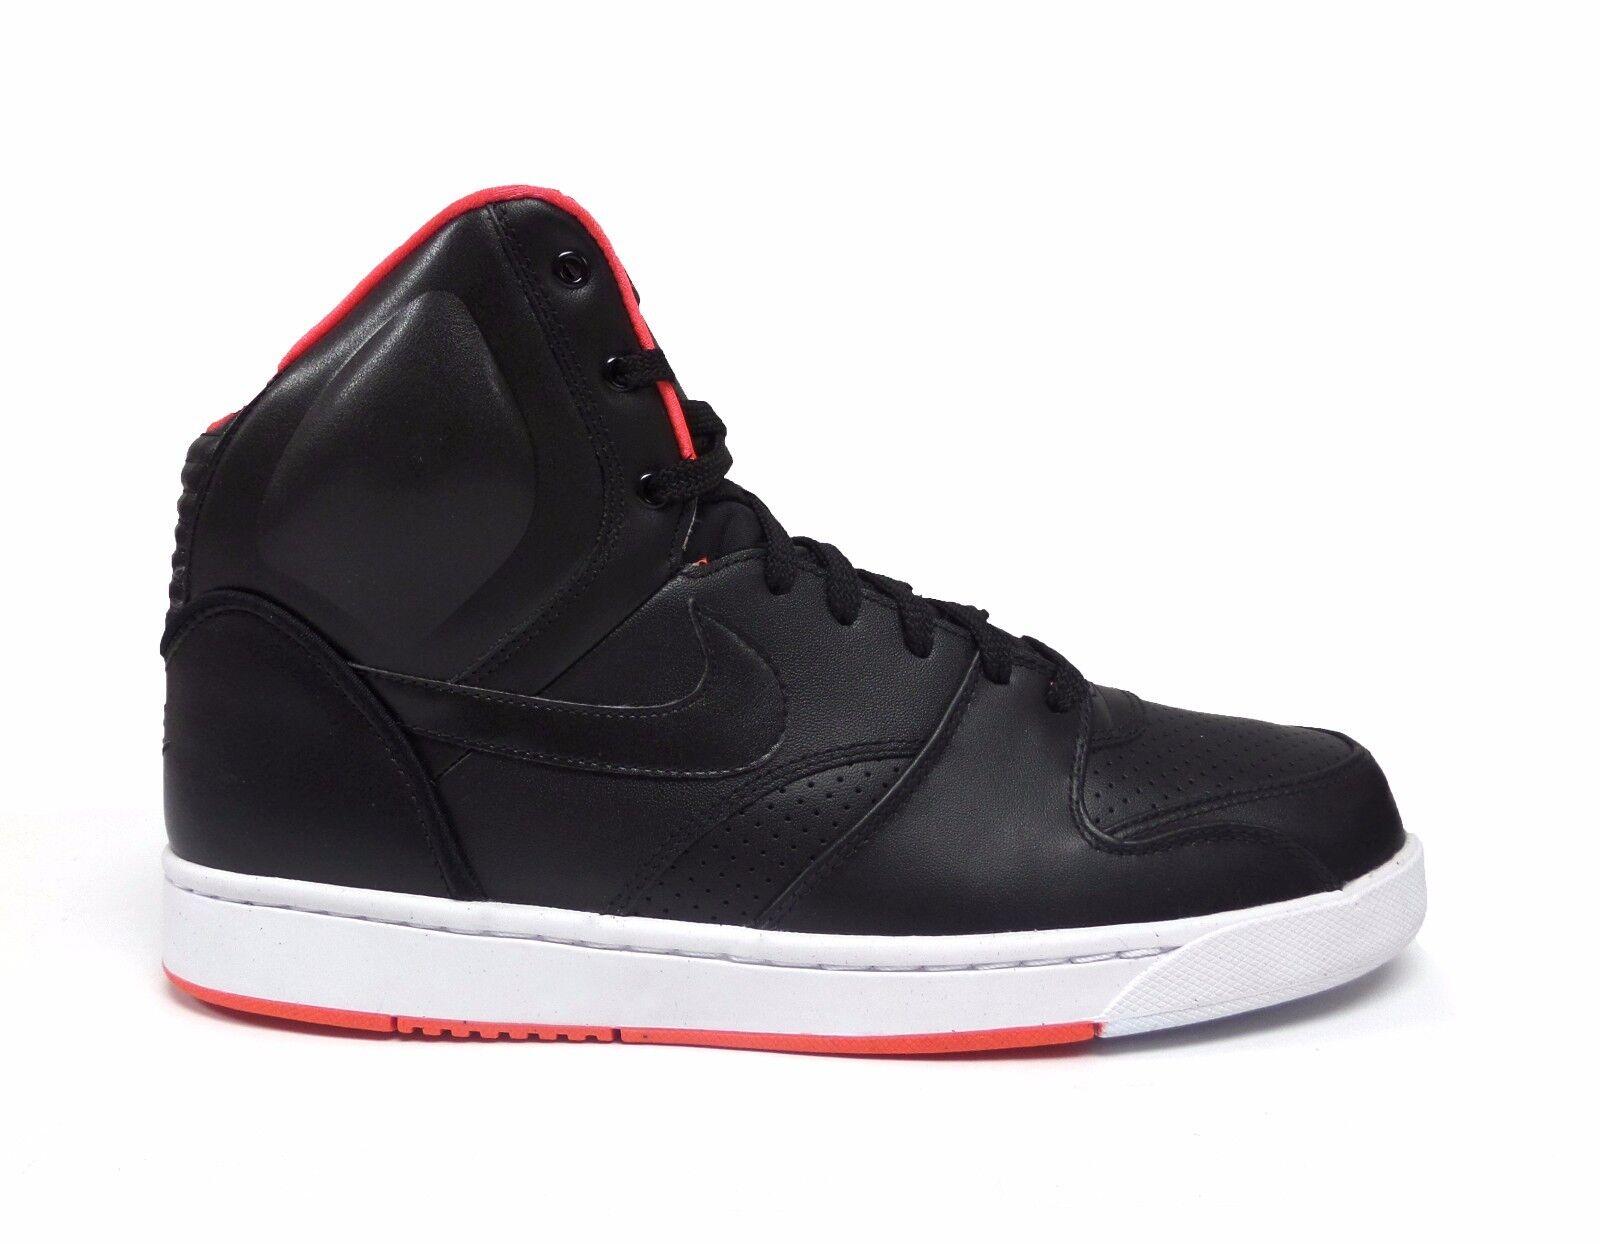 Nike - racer Uomo nero 916780-001 scarpa dimensioni da ginnastica di scarpe da ginnastica nuove dimensioni scarpa 12 f05505